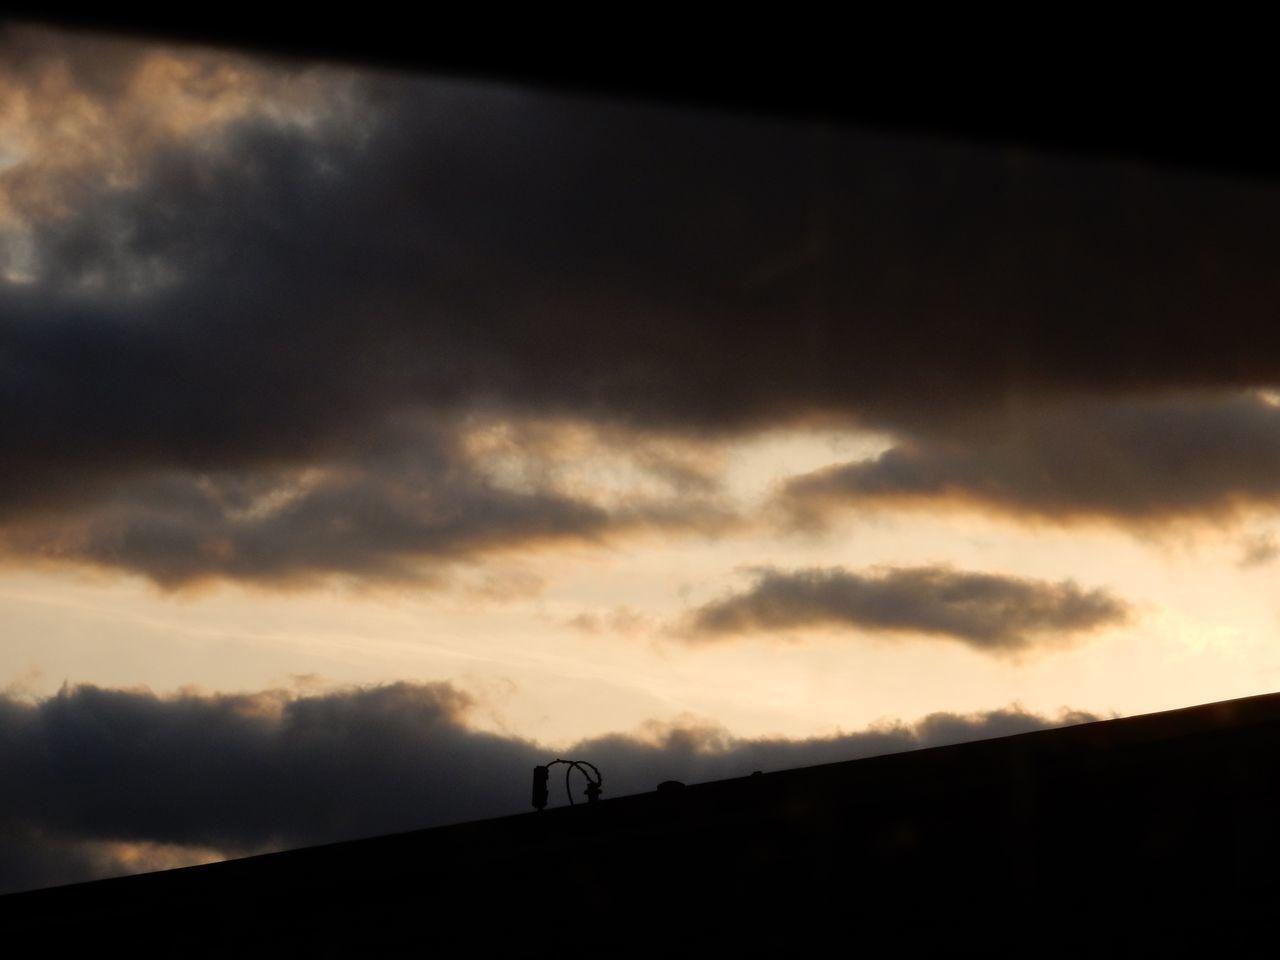 早い本格的初雪から一夜明けて_c0025115_20545227.jpg